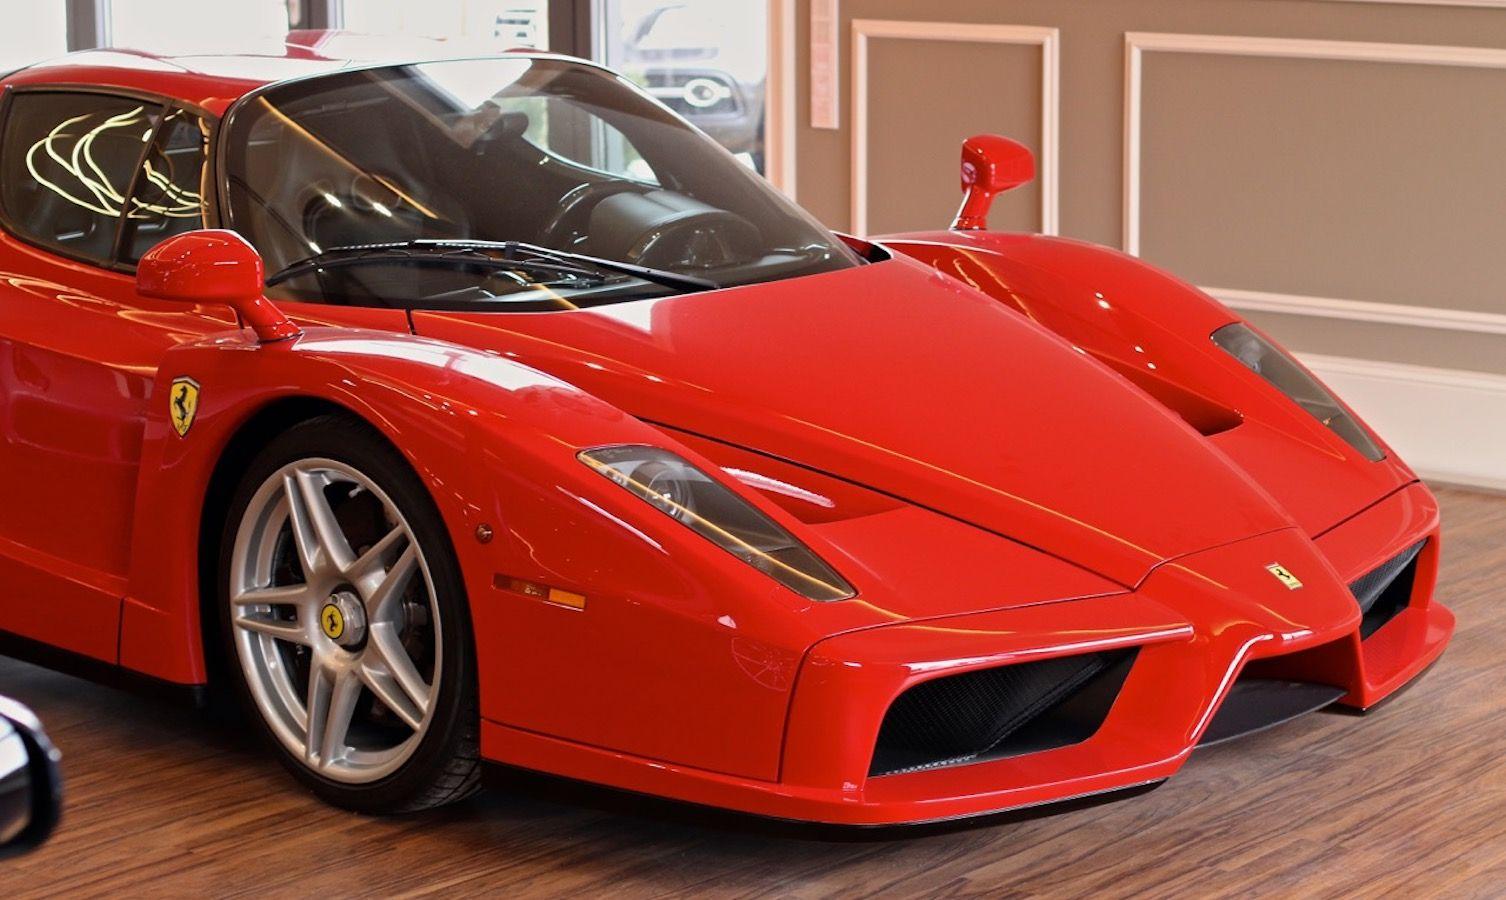 Carbild BeschreibungFerrari Enzo Ferrari8119